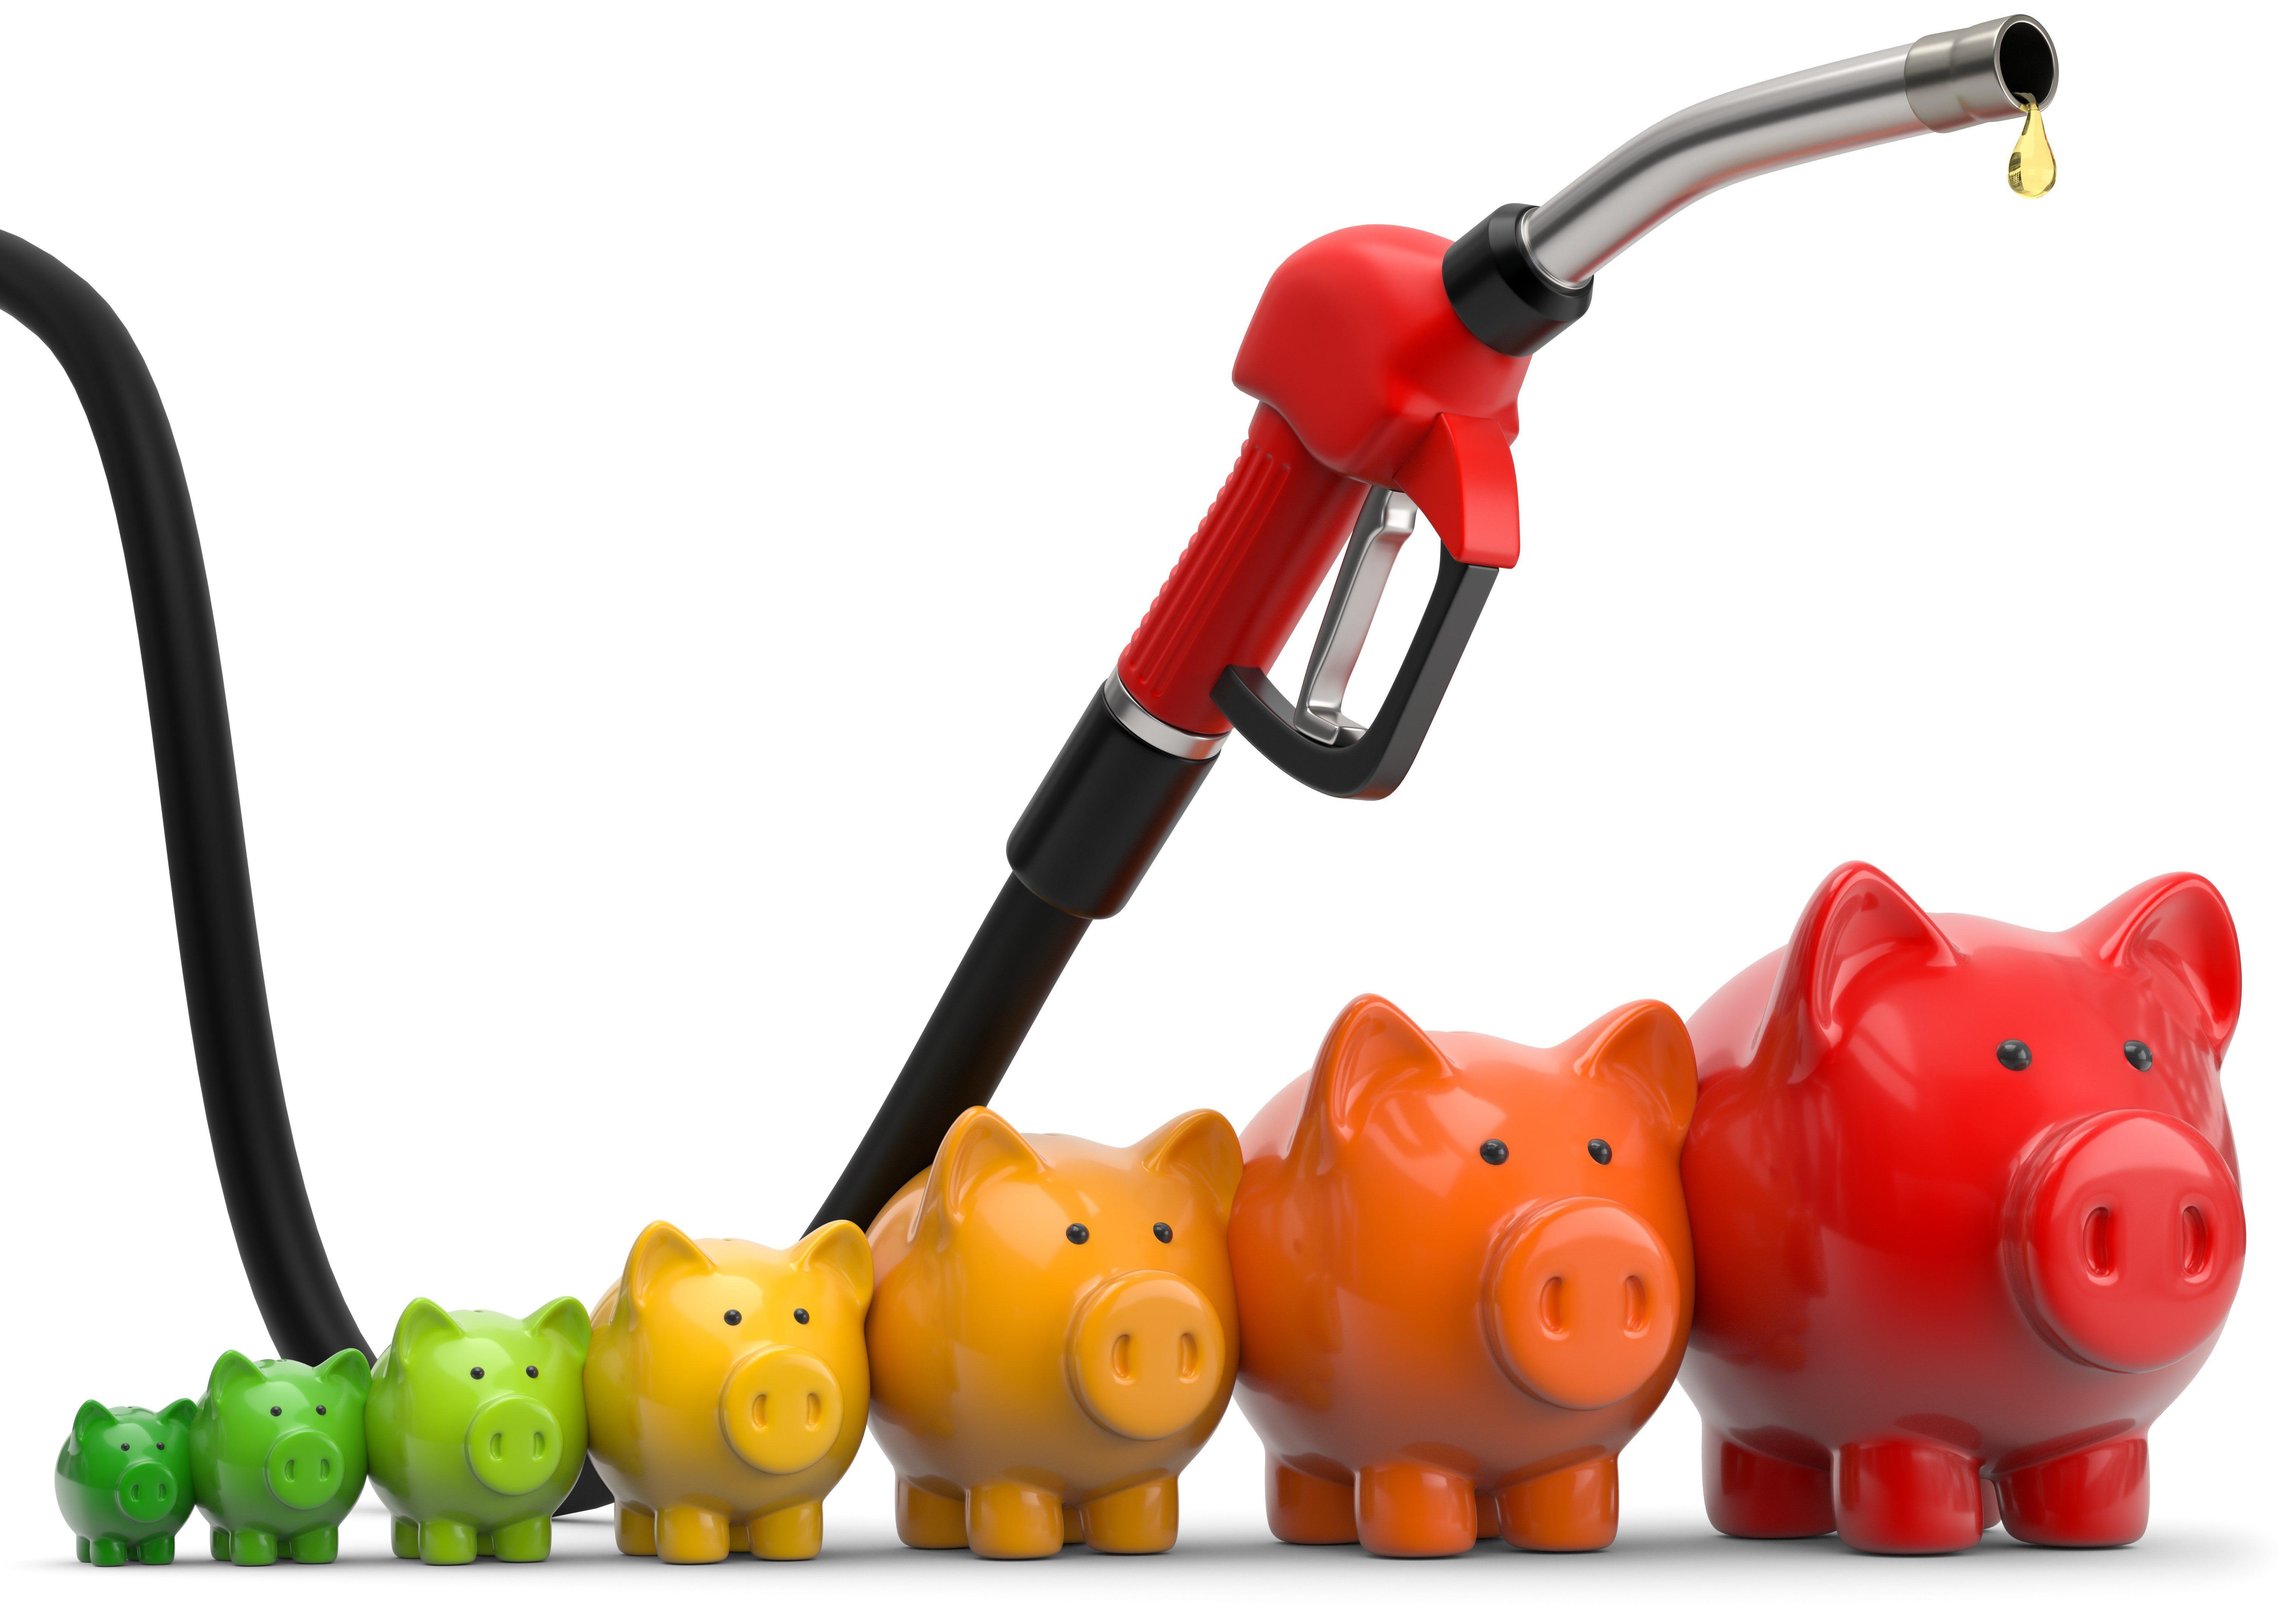 Gestión y control de la Flota cuando la Gasolina y la Electricidad alcanzan su precio más alto